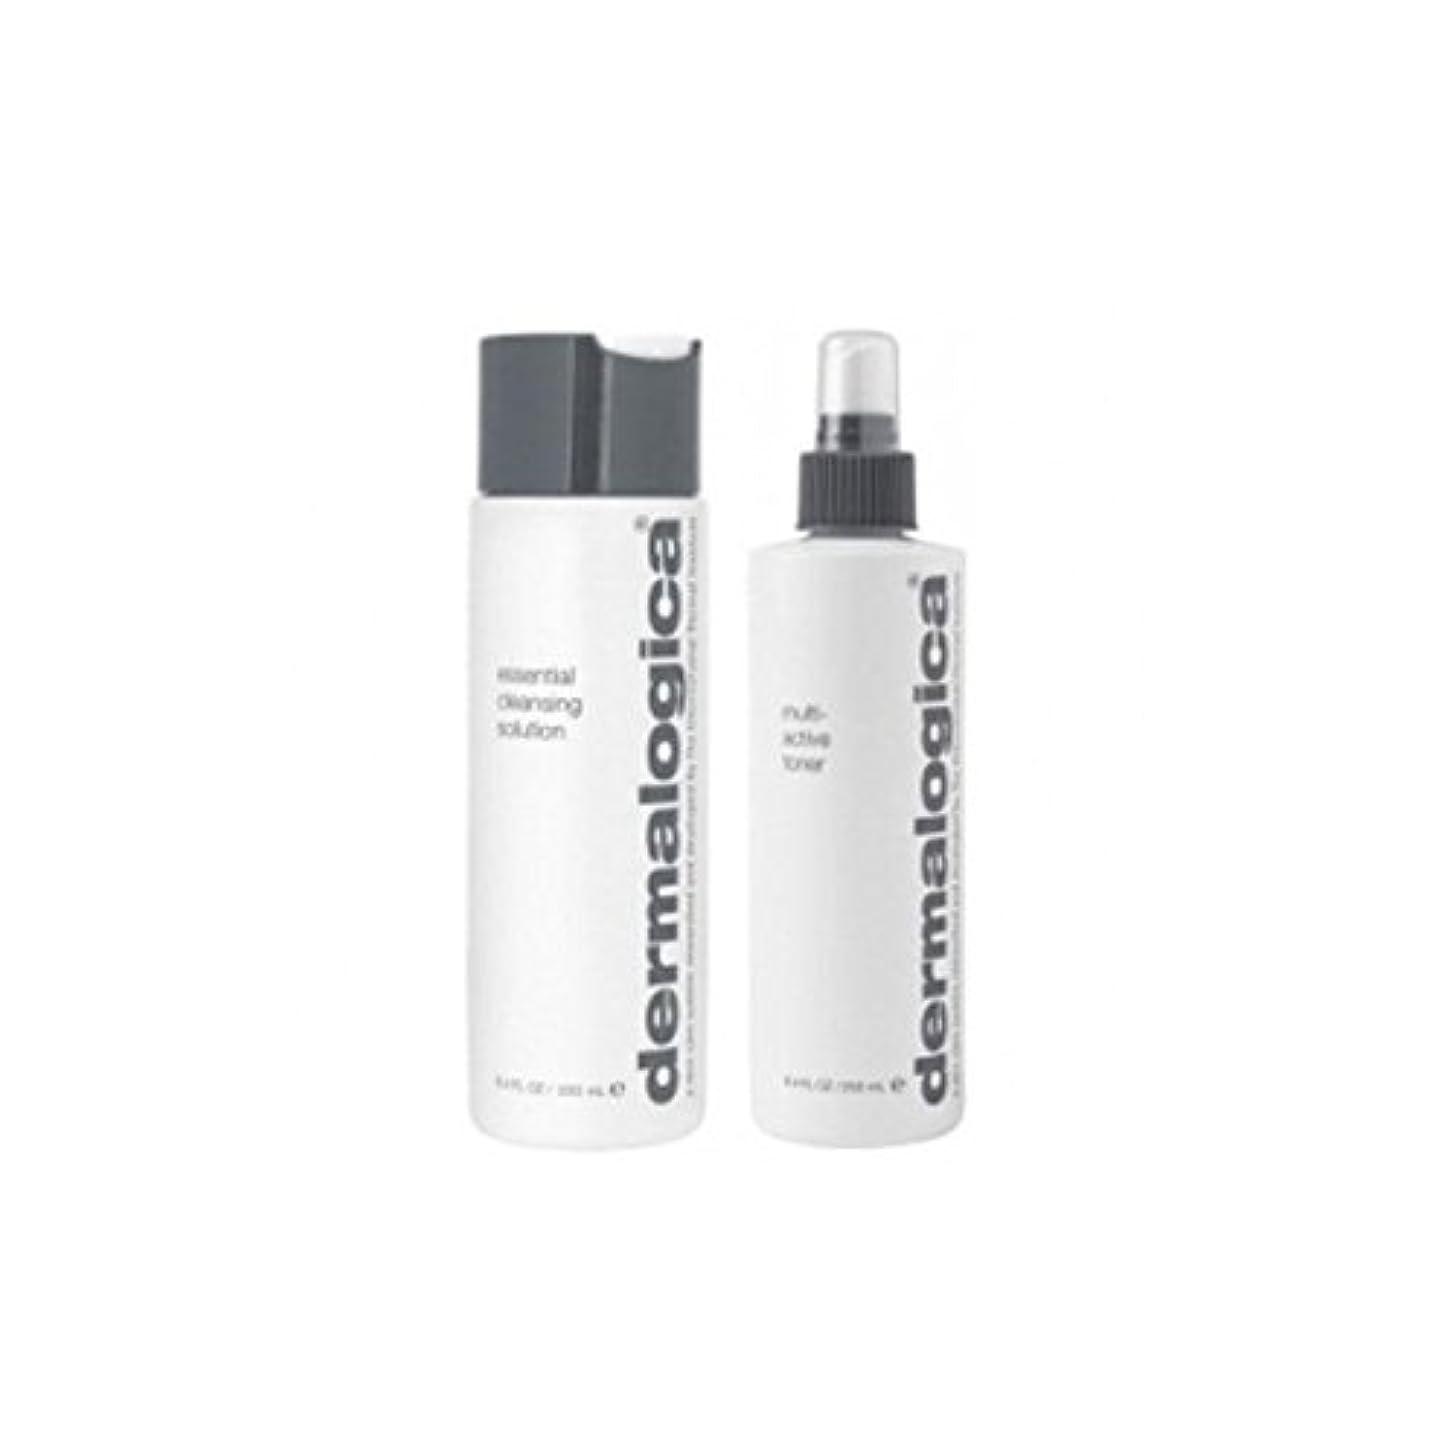 コークス傾く十億Dermalogica Cleanse & Tone Duo - Dry Skin - ダーマロジカクレンジング&トーンデュオ - 乾燥肌 [並行輸入品]